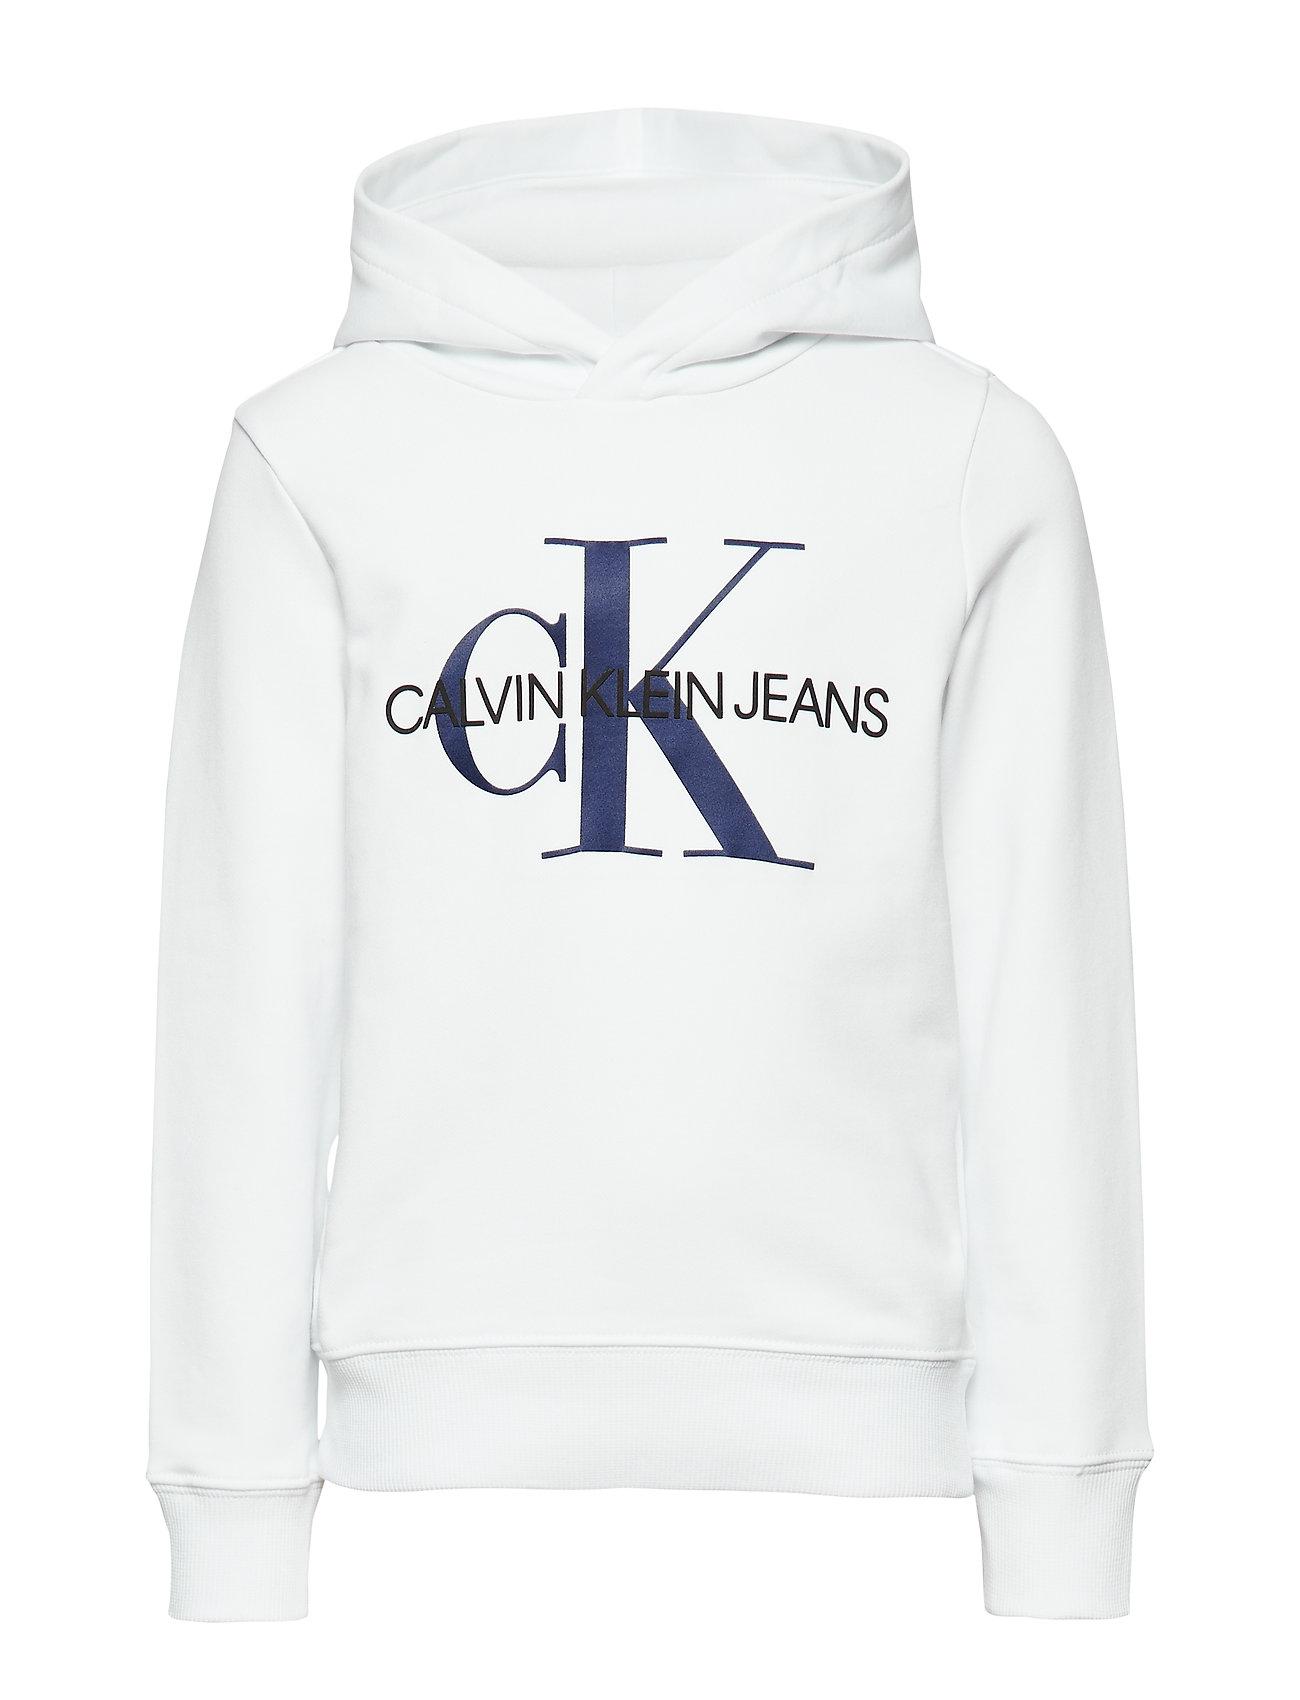 Calvin Klein MONOGRAM HOODIE - BRIGHT WHITE